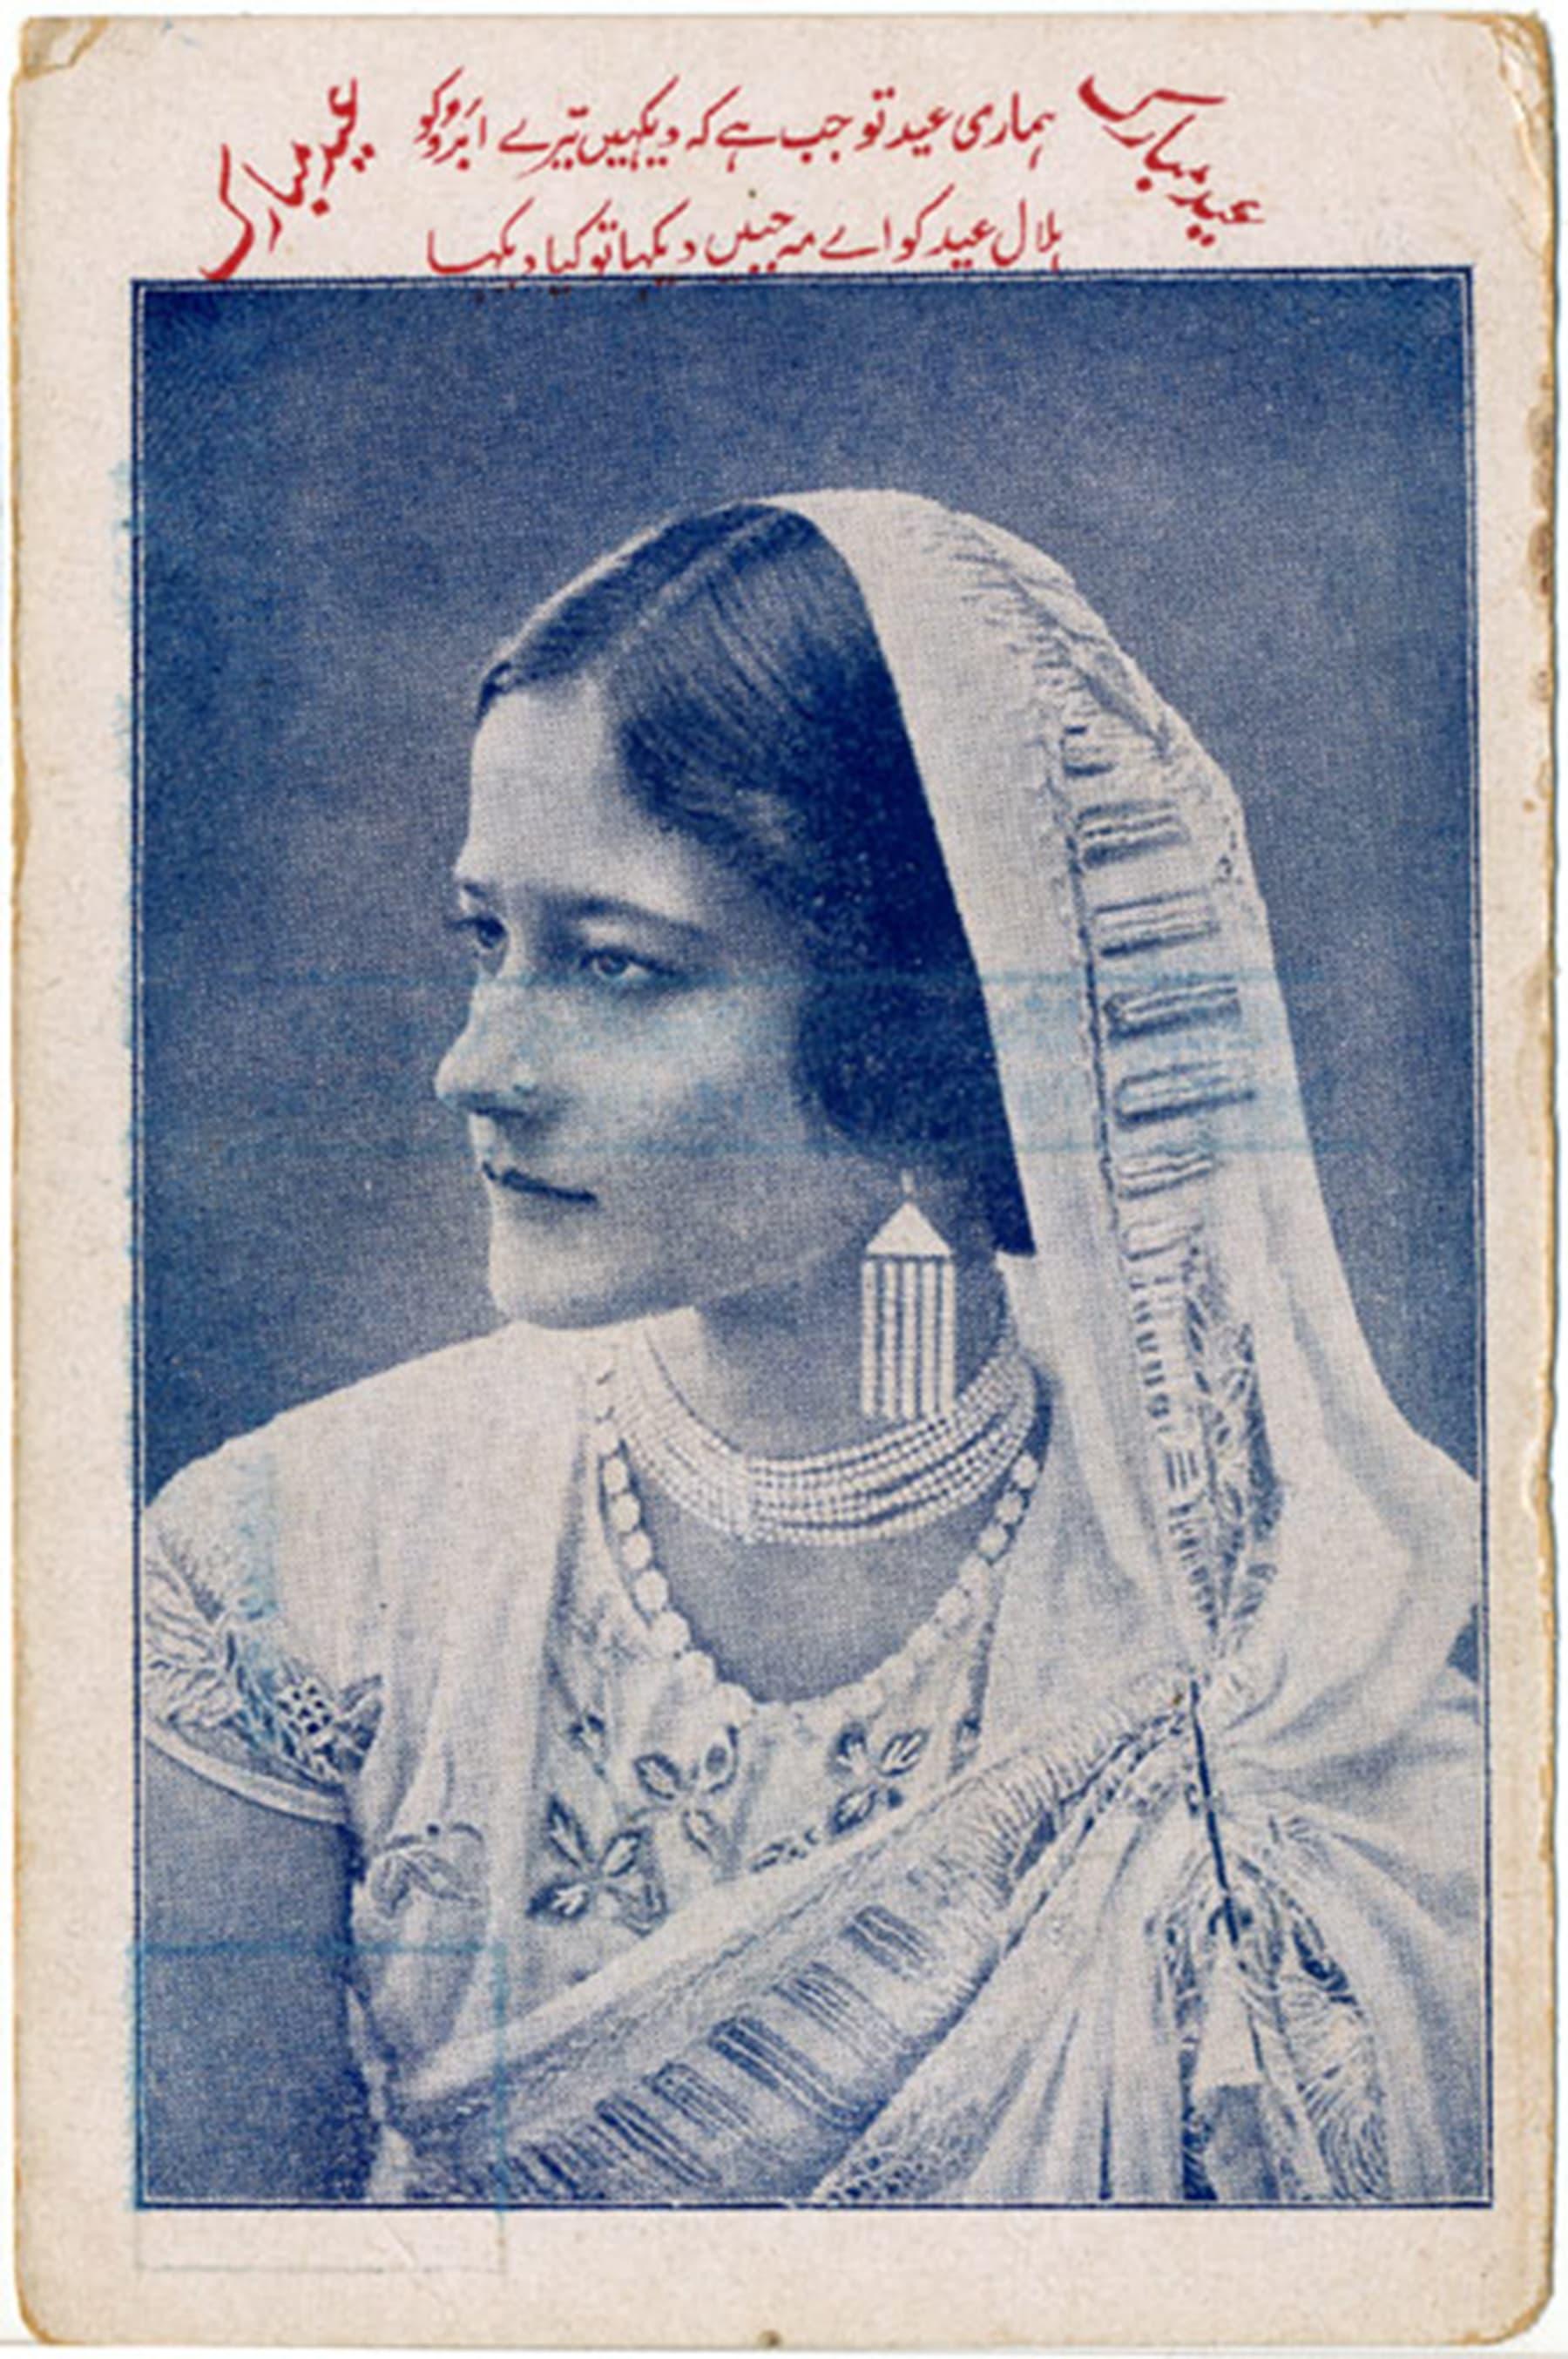 برِصغیر کی مشہور گلوکارہ کجن بیگم کی تصویر والا عید کارڈ، جسے سلطان حسین بک سیلر، بمبئی، نے تقسیم کیا۔